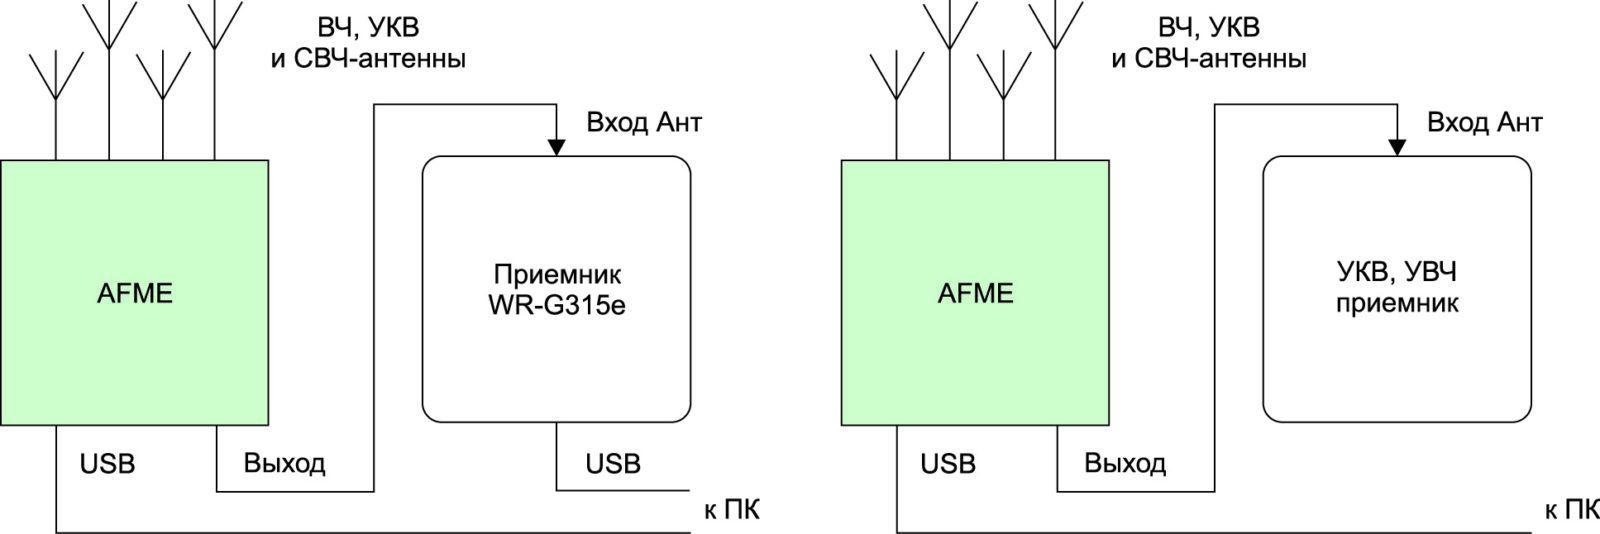 Подключение расширителя частот AMFE к приемникам